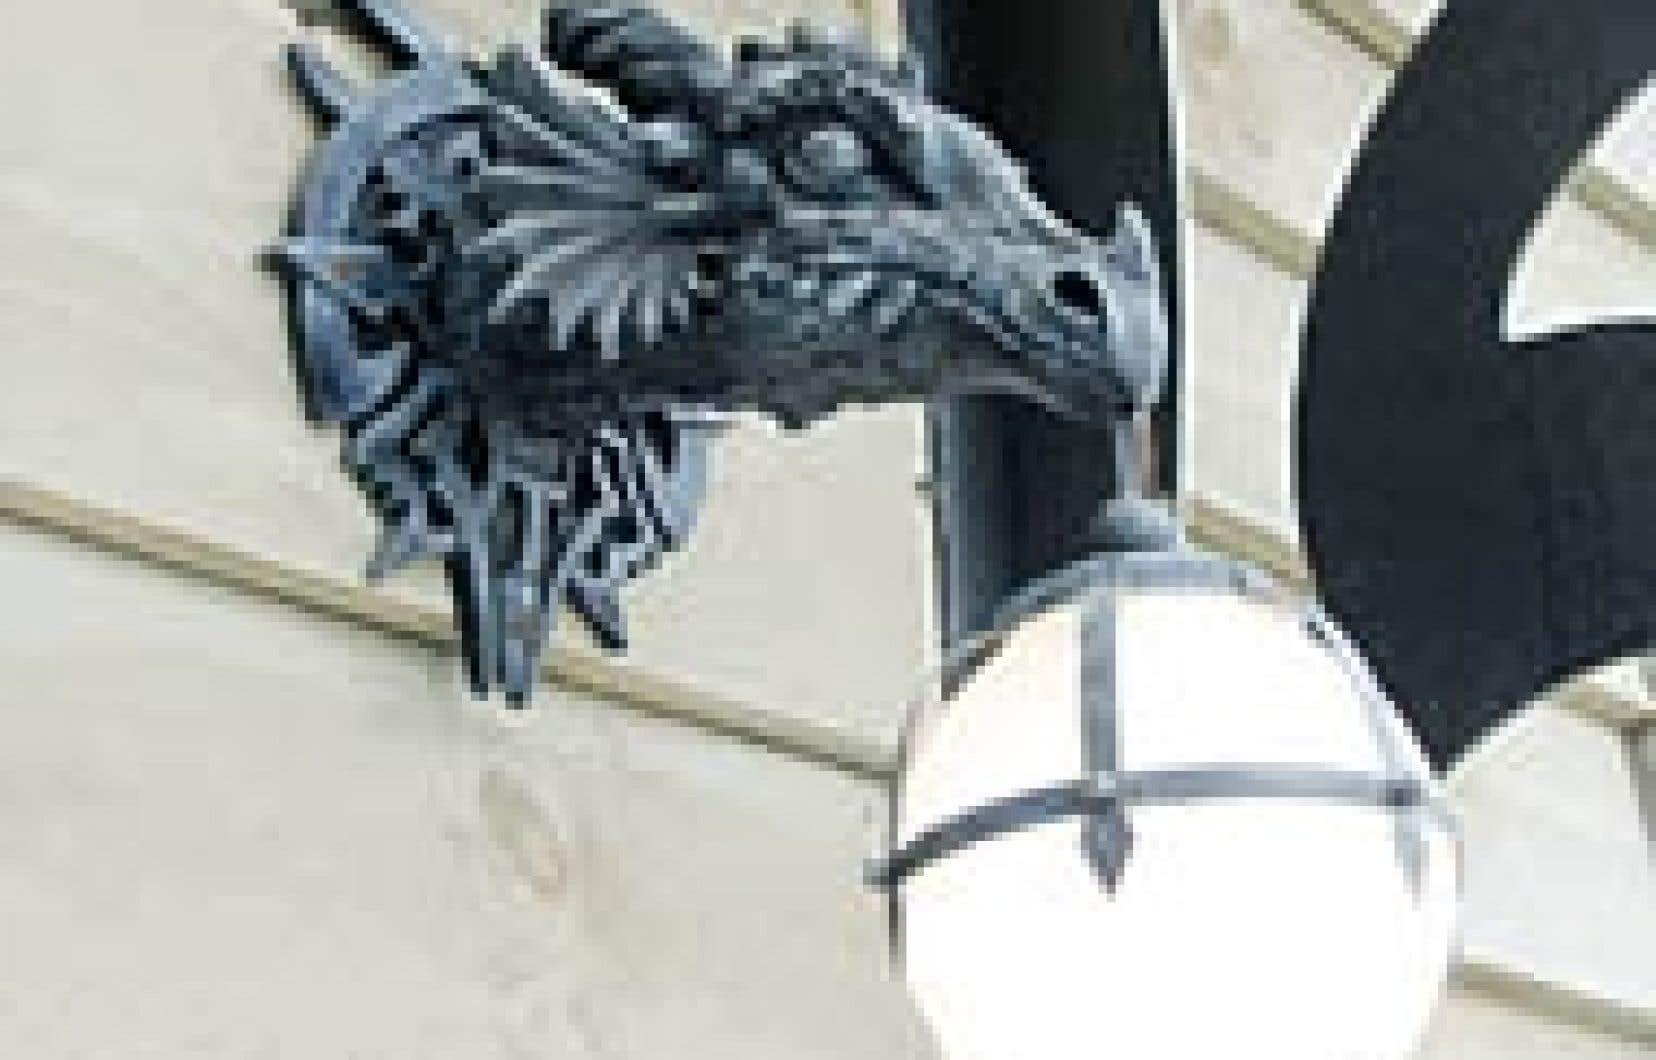 Photos Lio Kiefer - Aux Forges du Dragon, il y a bien sûr les inévitables références au médiéval, comme sur cette lampe extérieure ou intérieure qui prend les formes d'une gorgone éprise d'un globe de verre blanc.